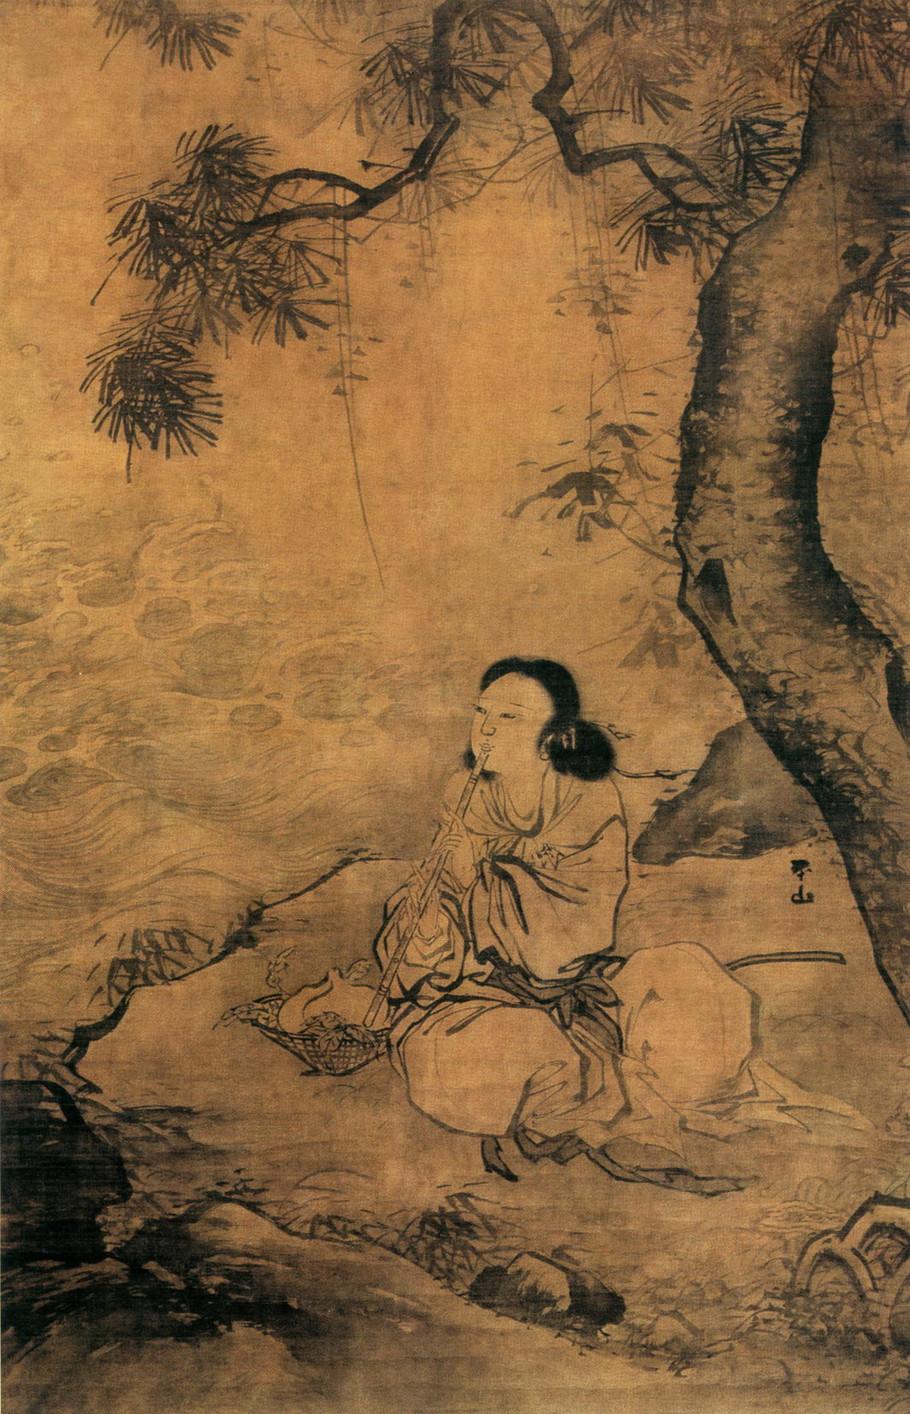 明 张路 吹箫女仙图 绢本墨笔 141.3×91.8厘米 北京故宫博物院藏